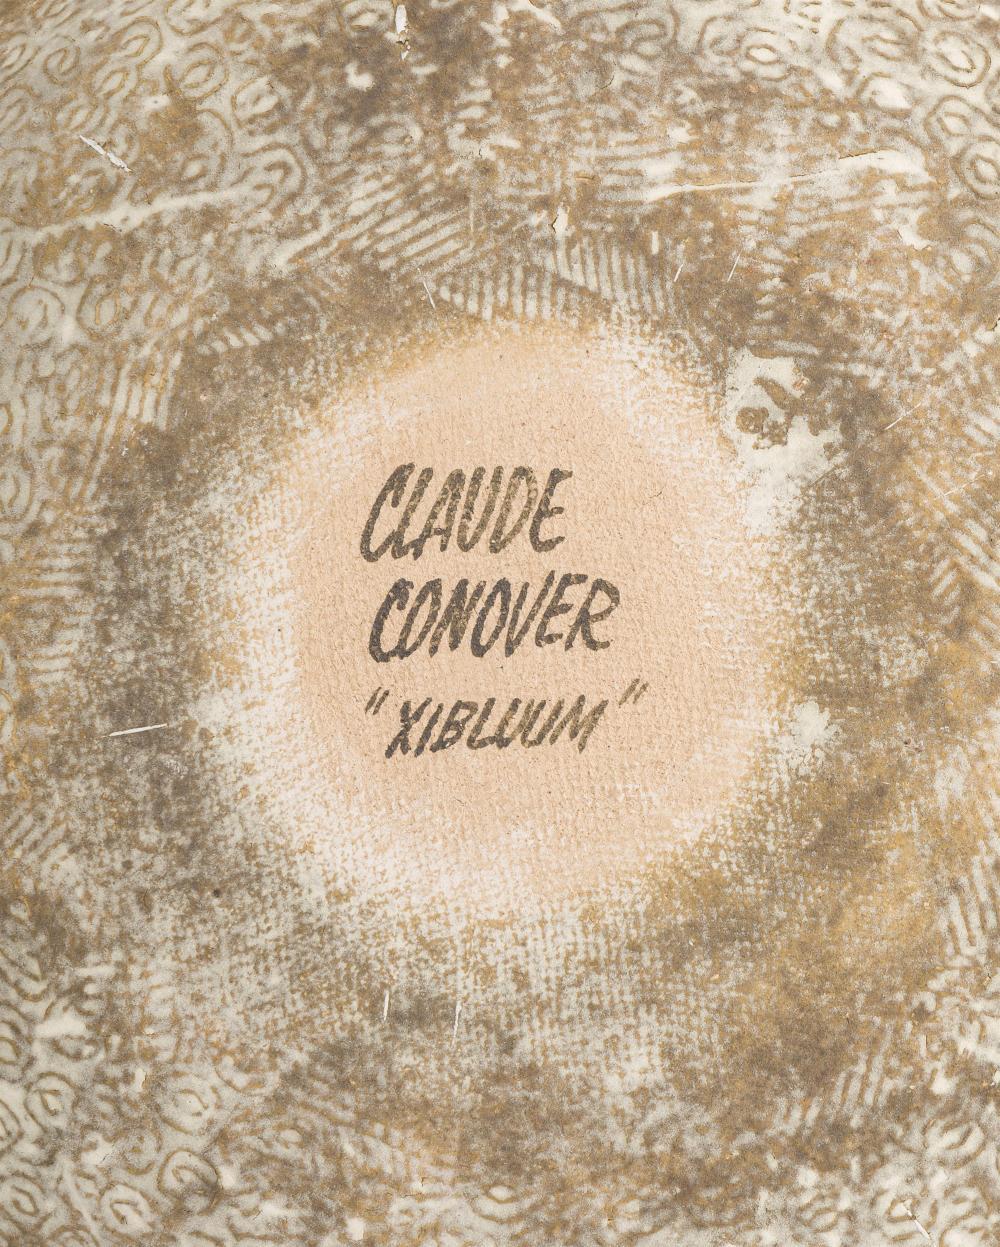 Claude Conover, (1907-1994 American),